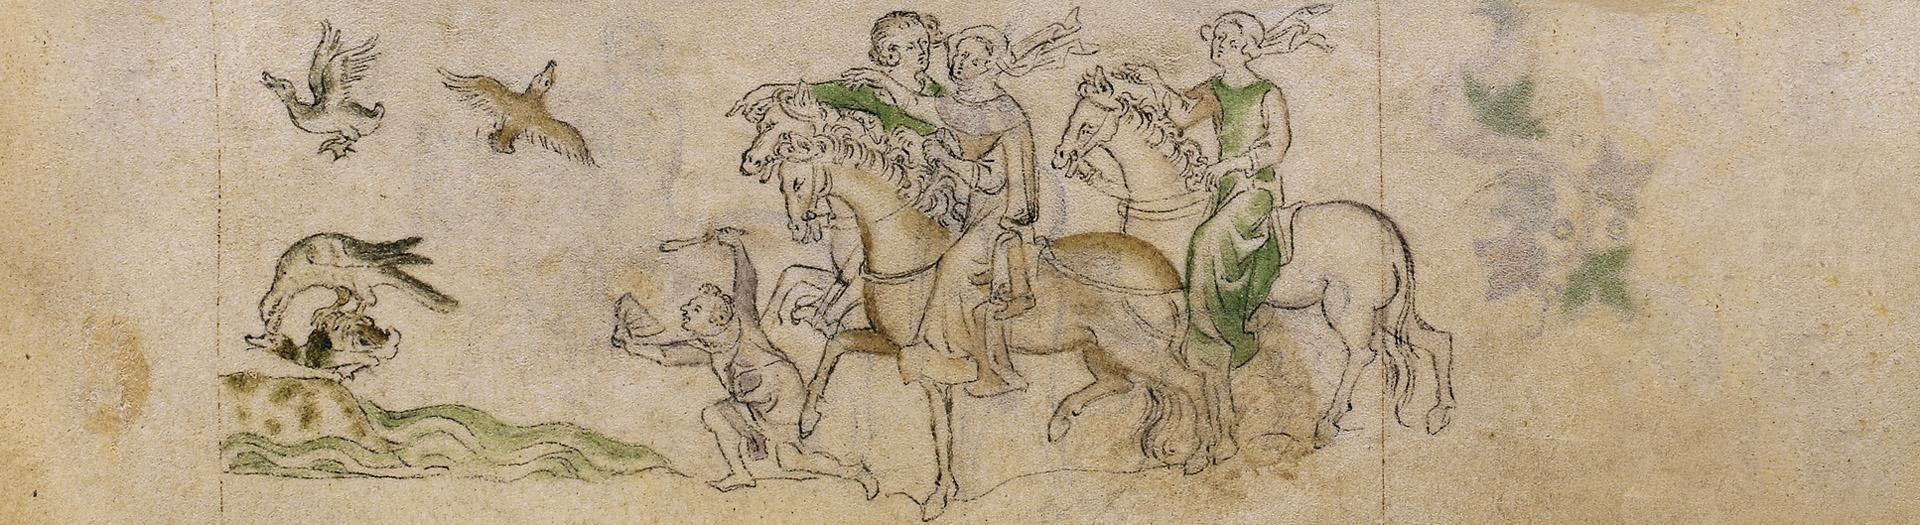 Queen-Mary-Psalter, fol. 151r